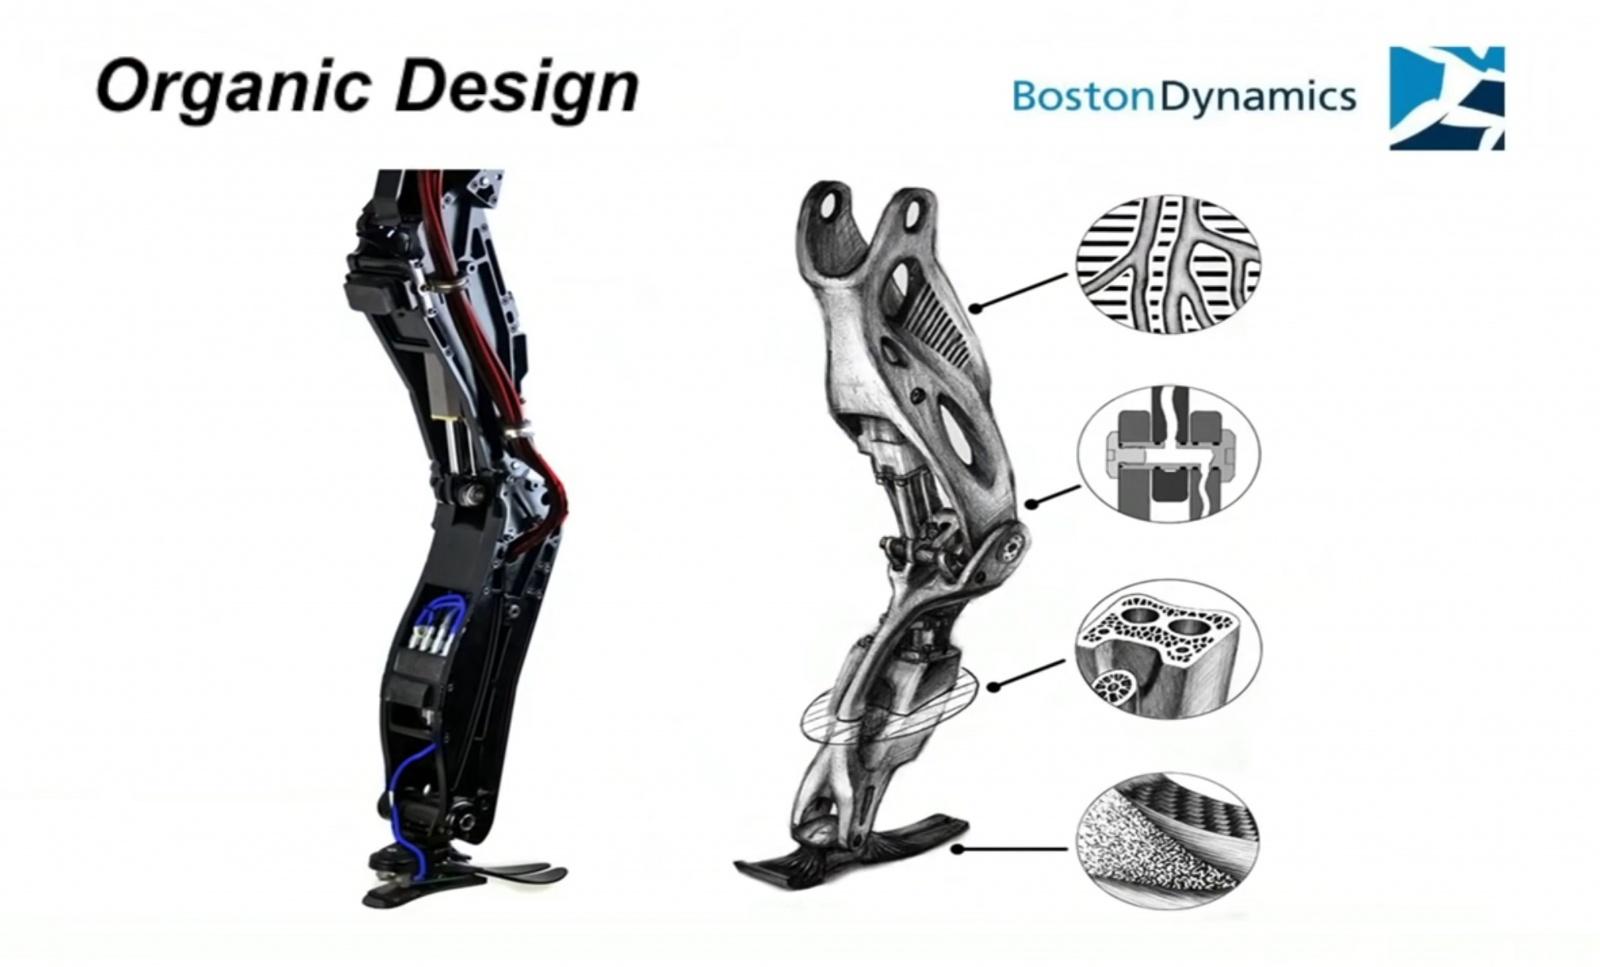 Слева — классическая конструкция: винты, кабели и разъемы. Справа — усовершенствованная. Она больше похожа на анатомический рисунок. Часть бедра с гидравликой, каркас, приводы и вся остальная машинерия будто образуют единое целое